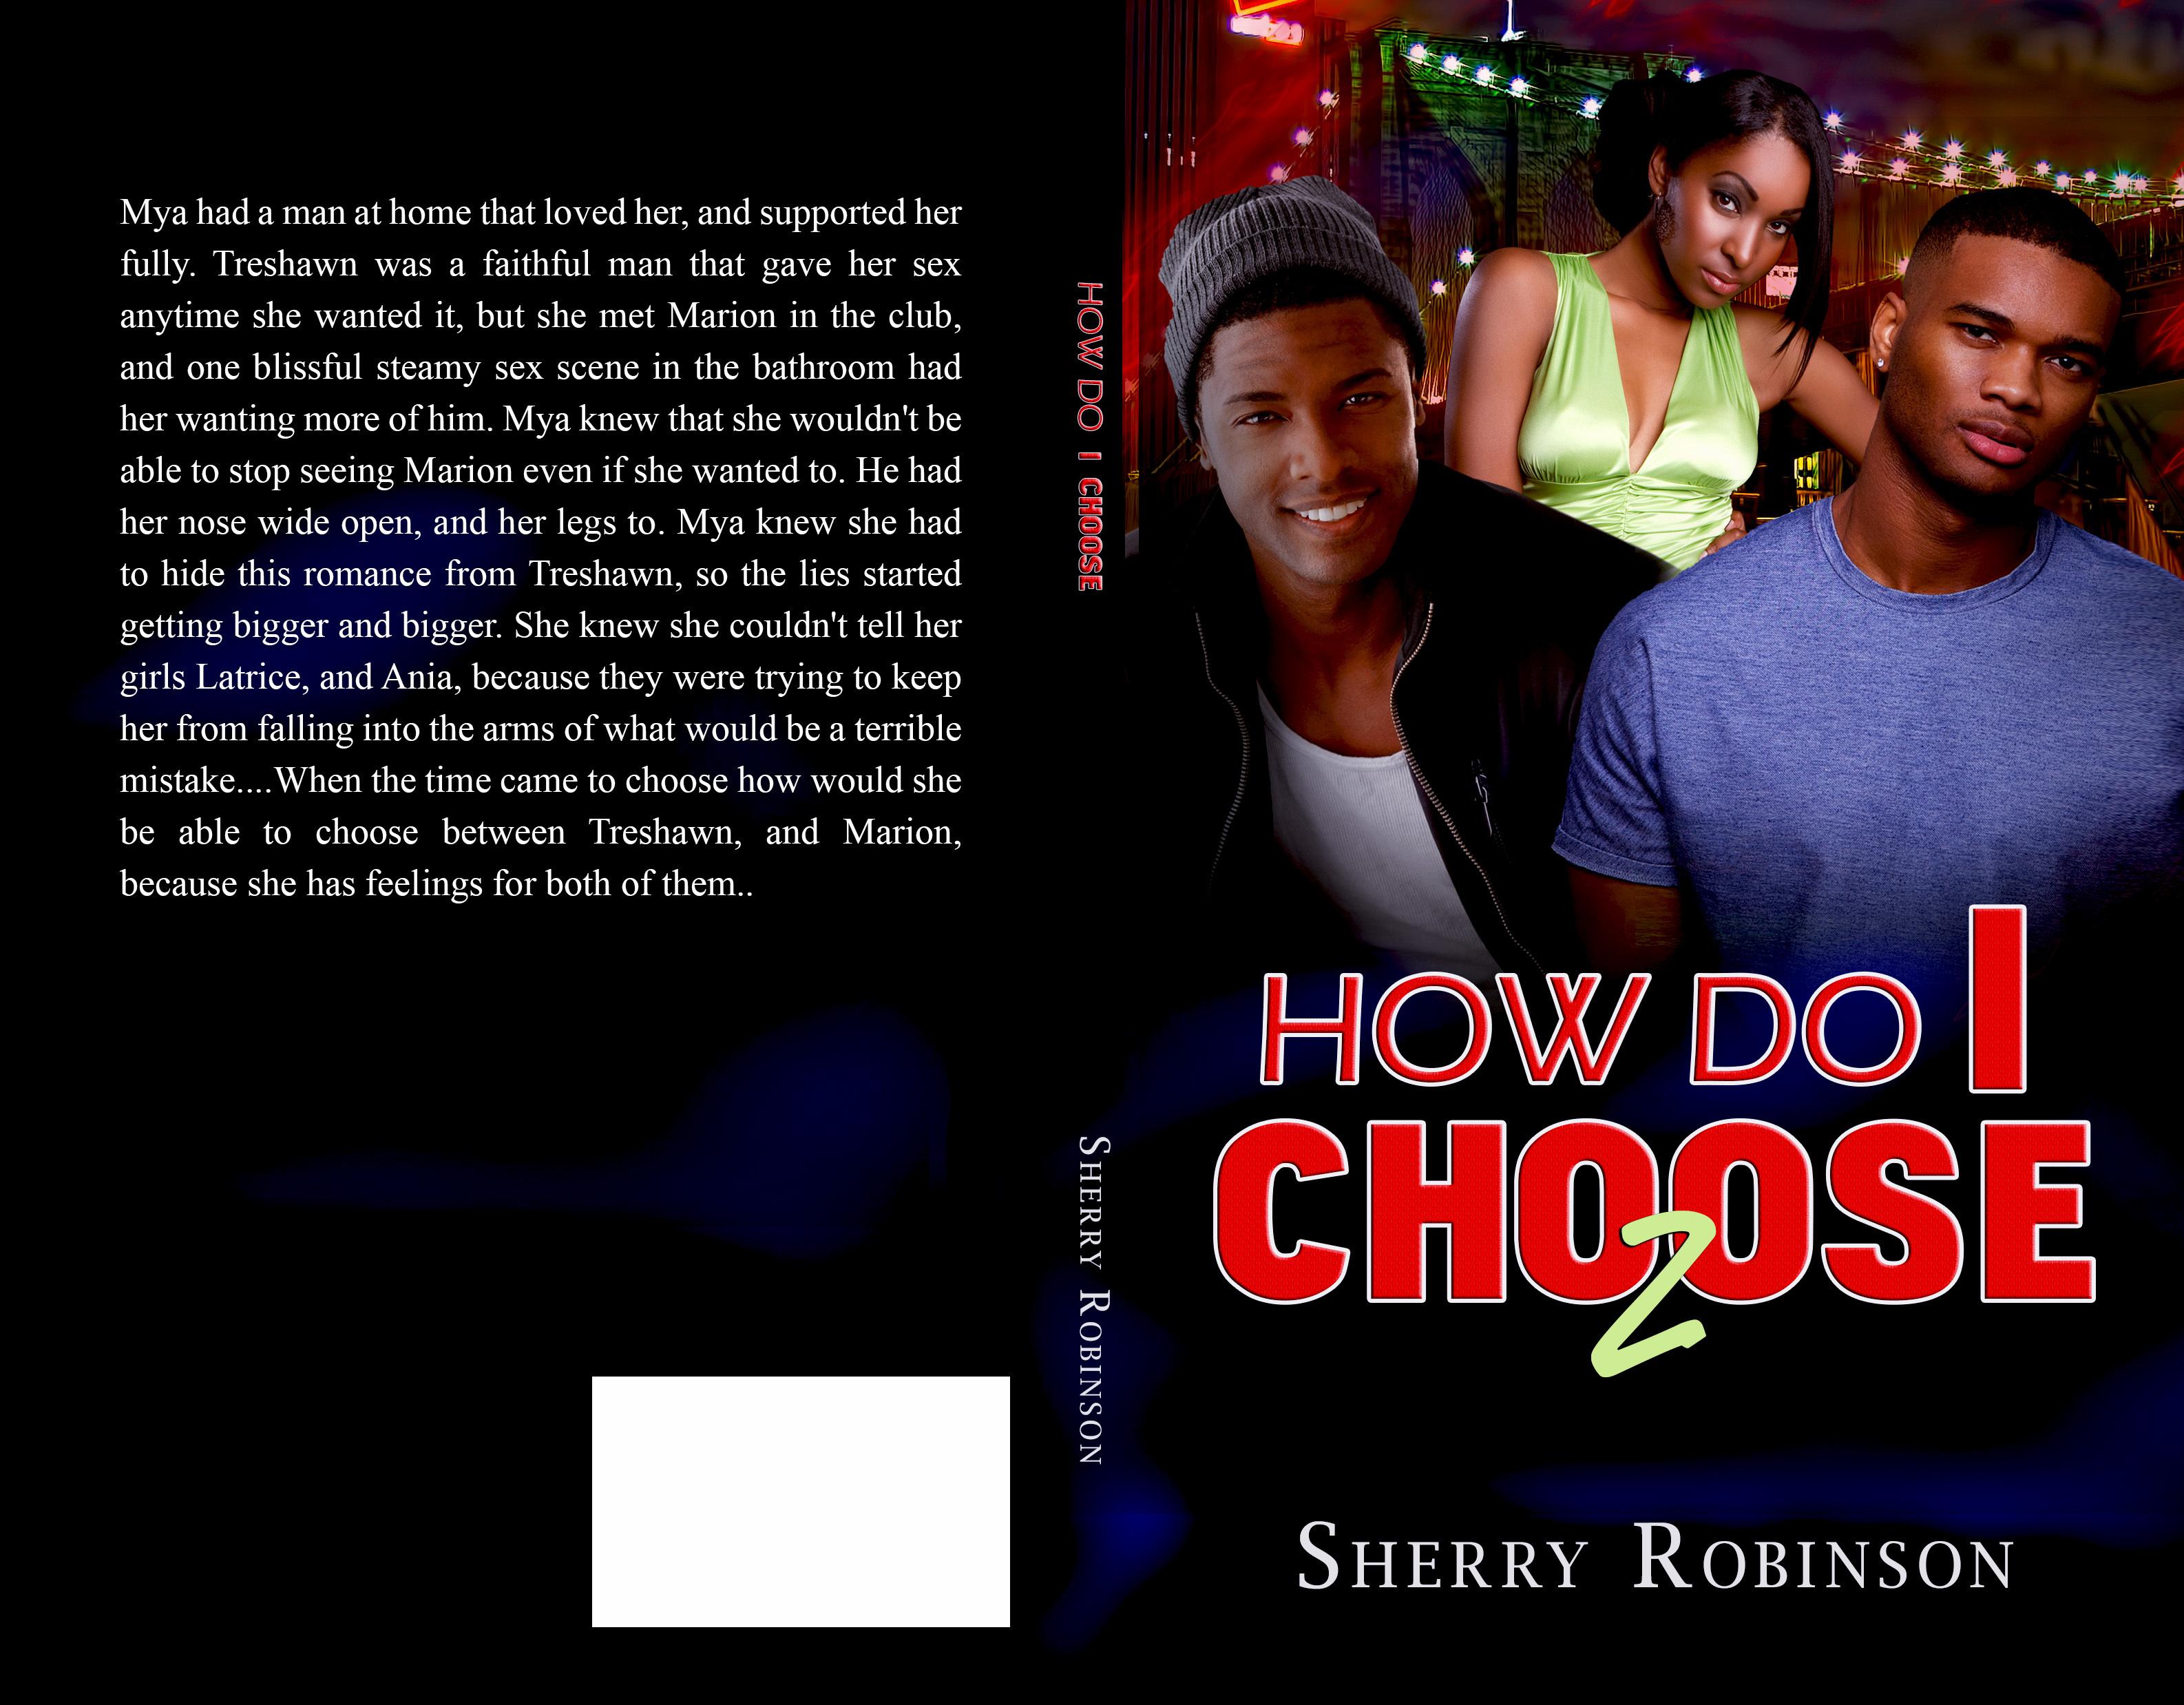 How Do I Choose 2 Sherry Robinson